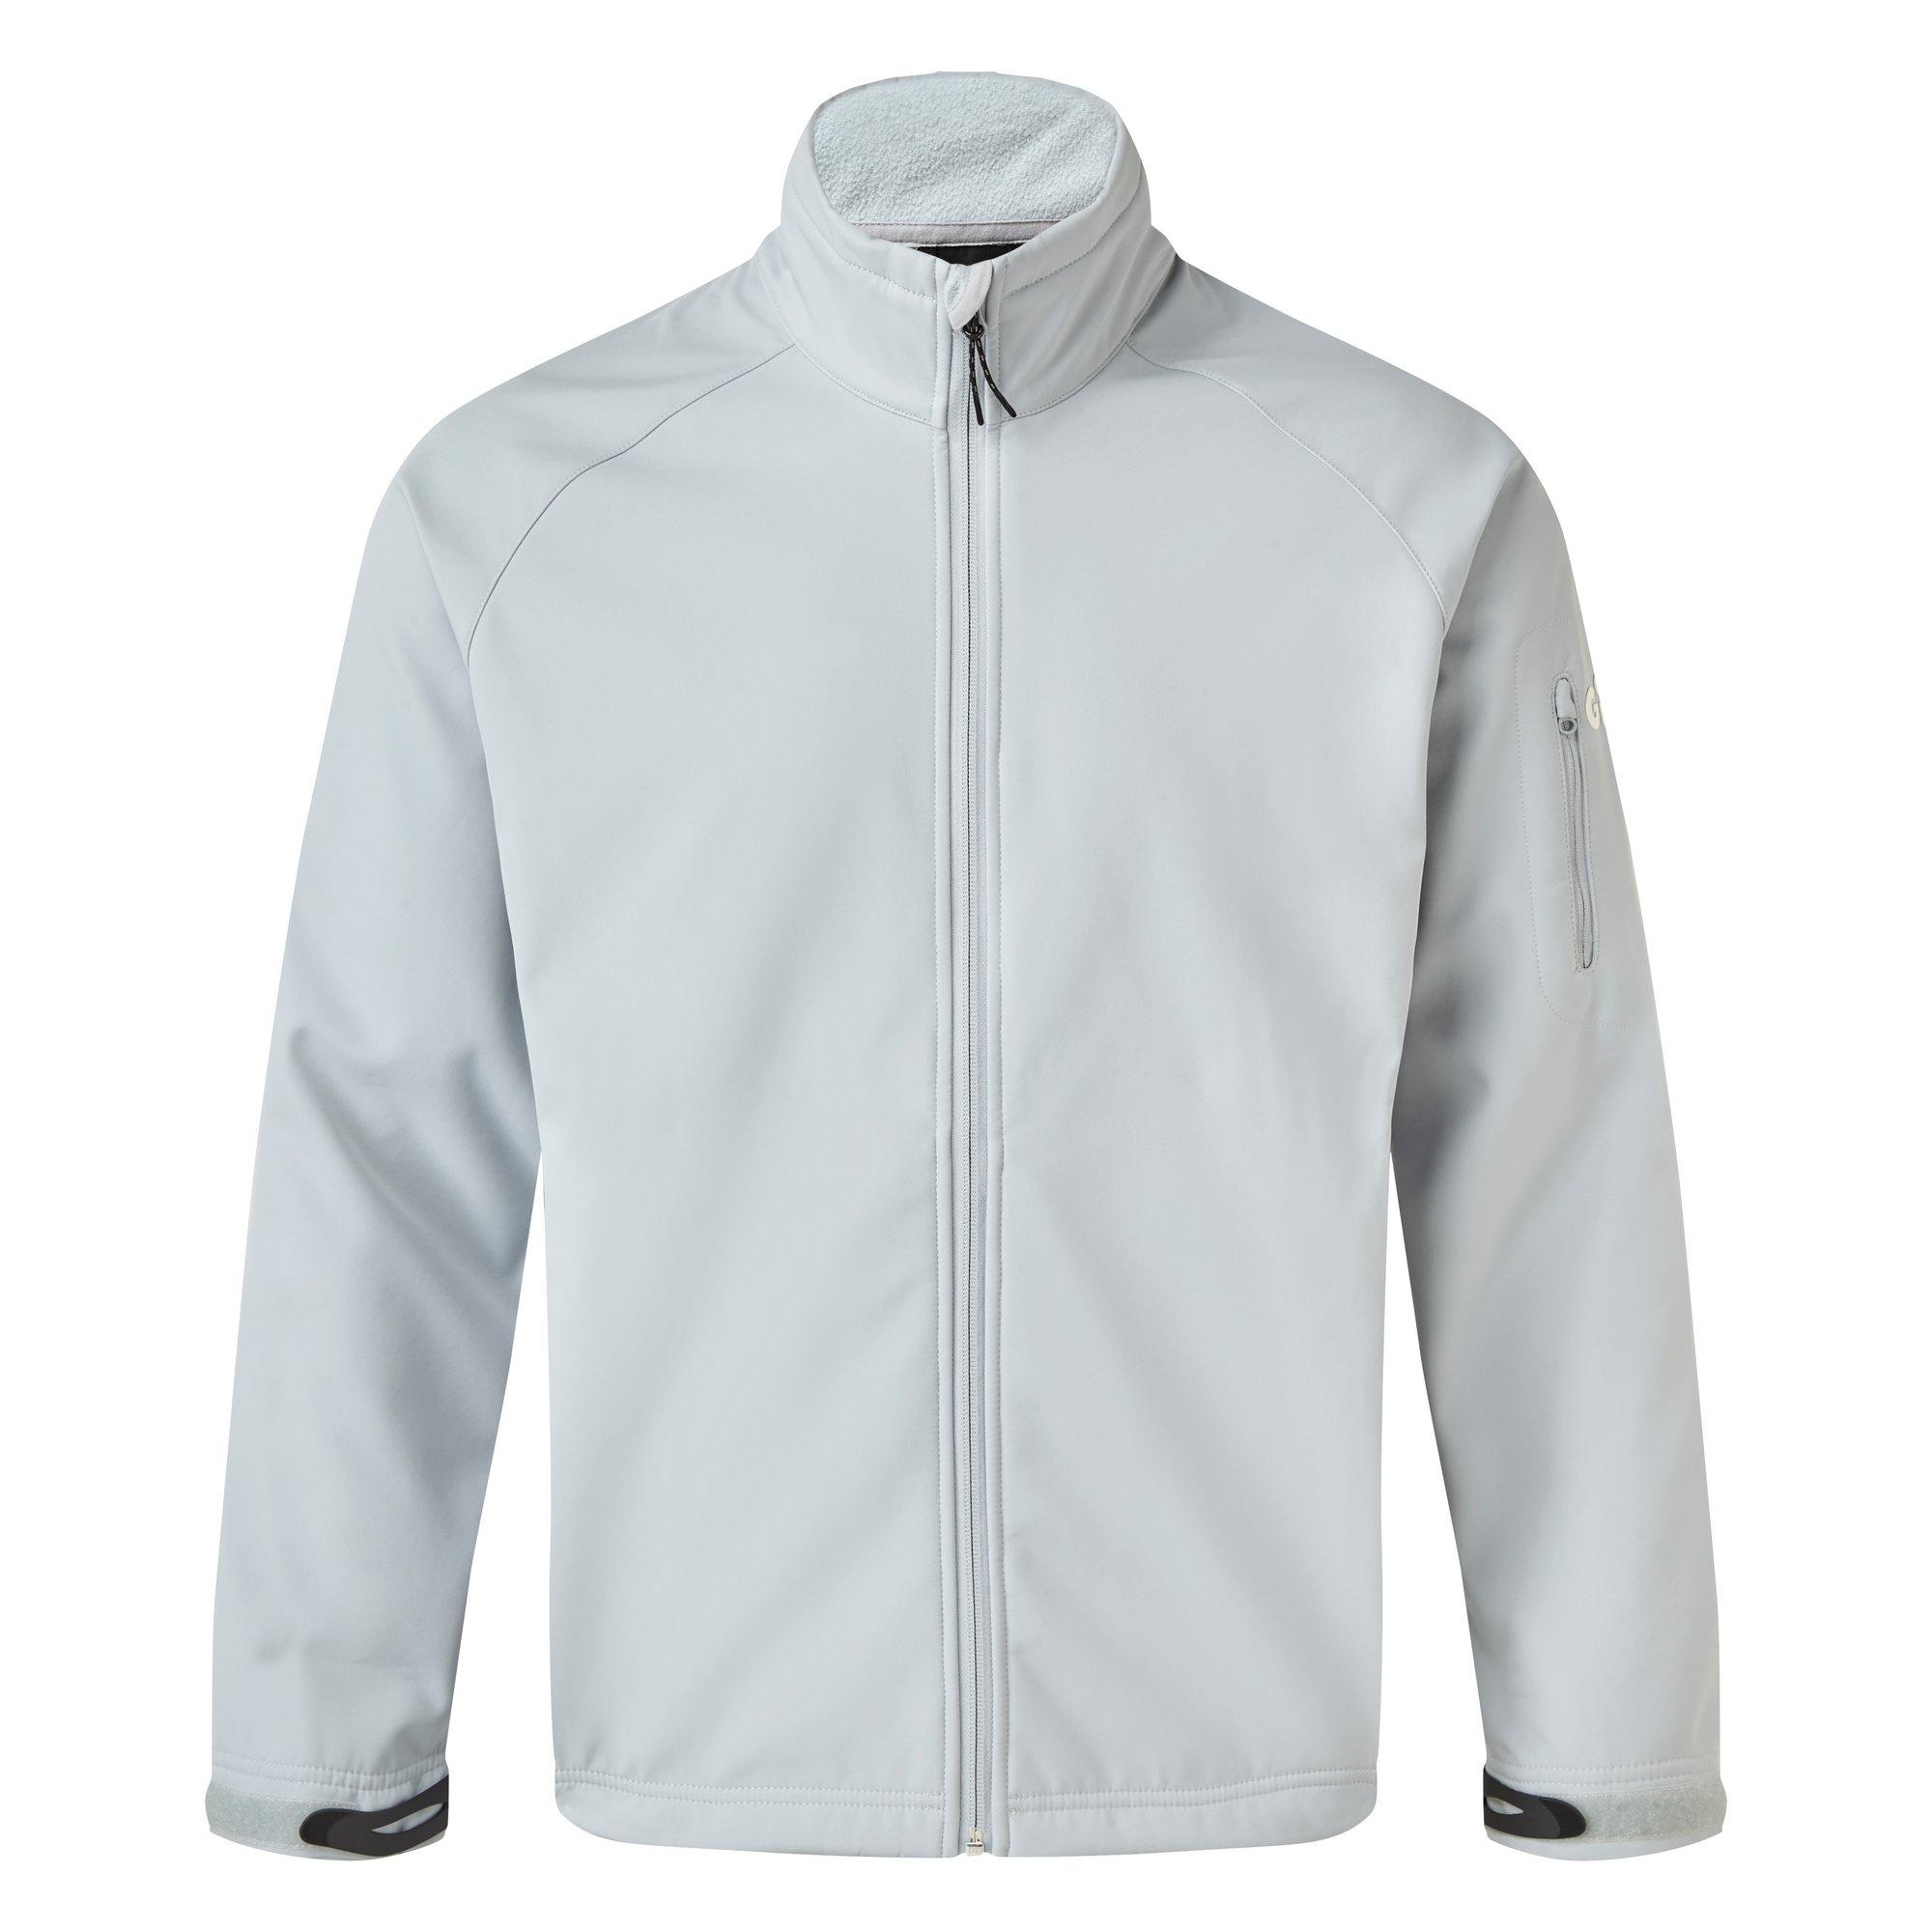 Men's Team Softshell Jacket - 1614-GRE14-1.jpg